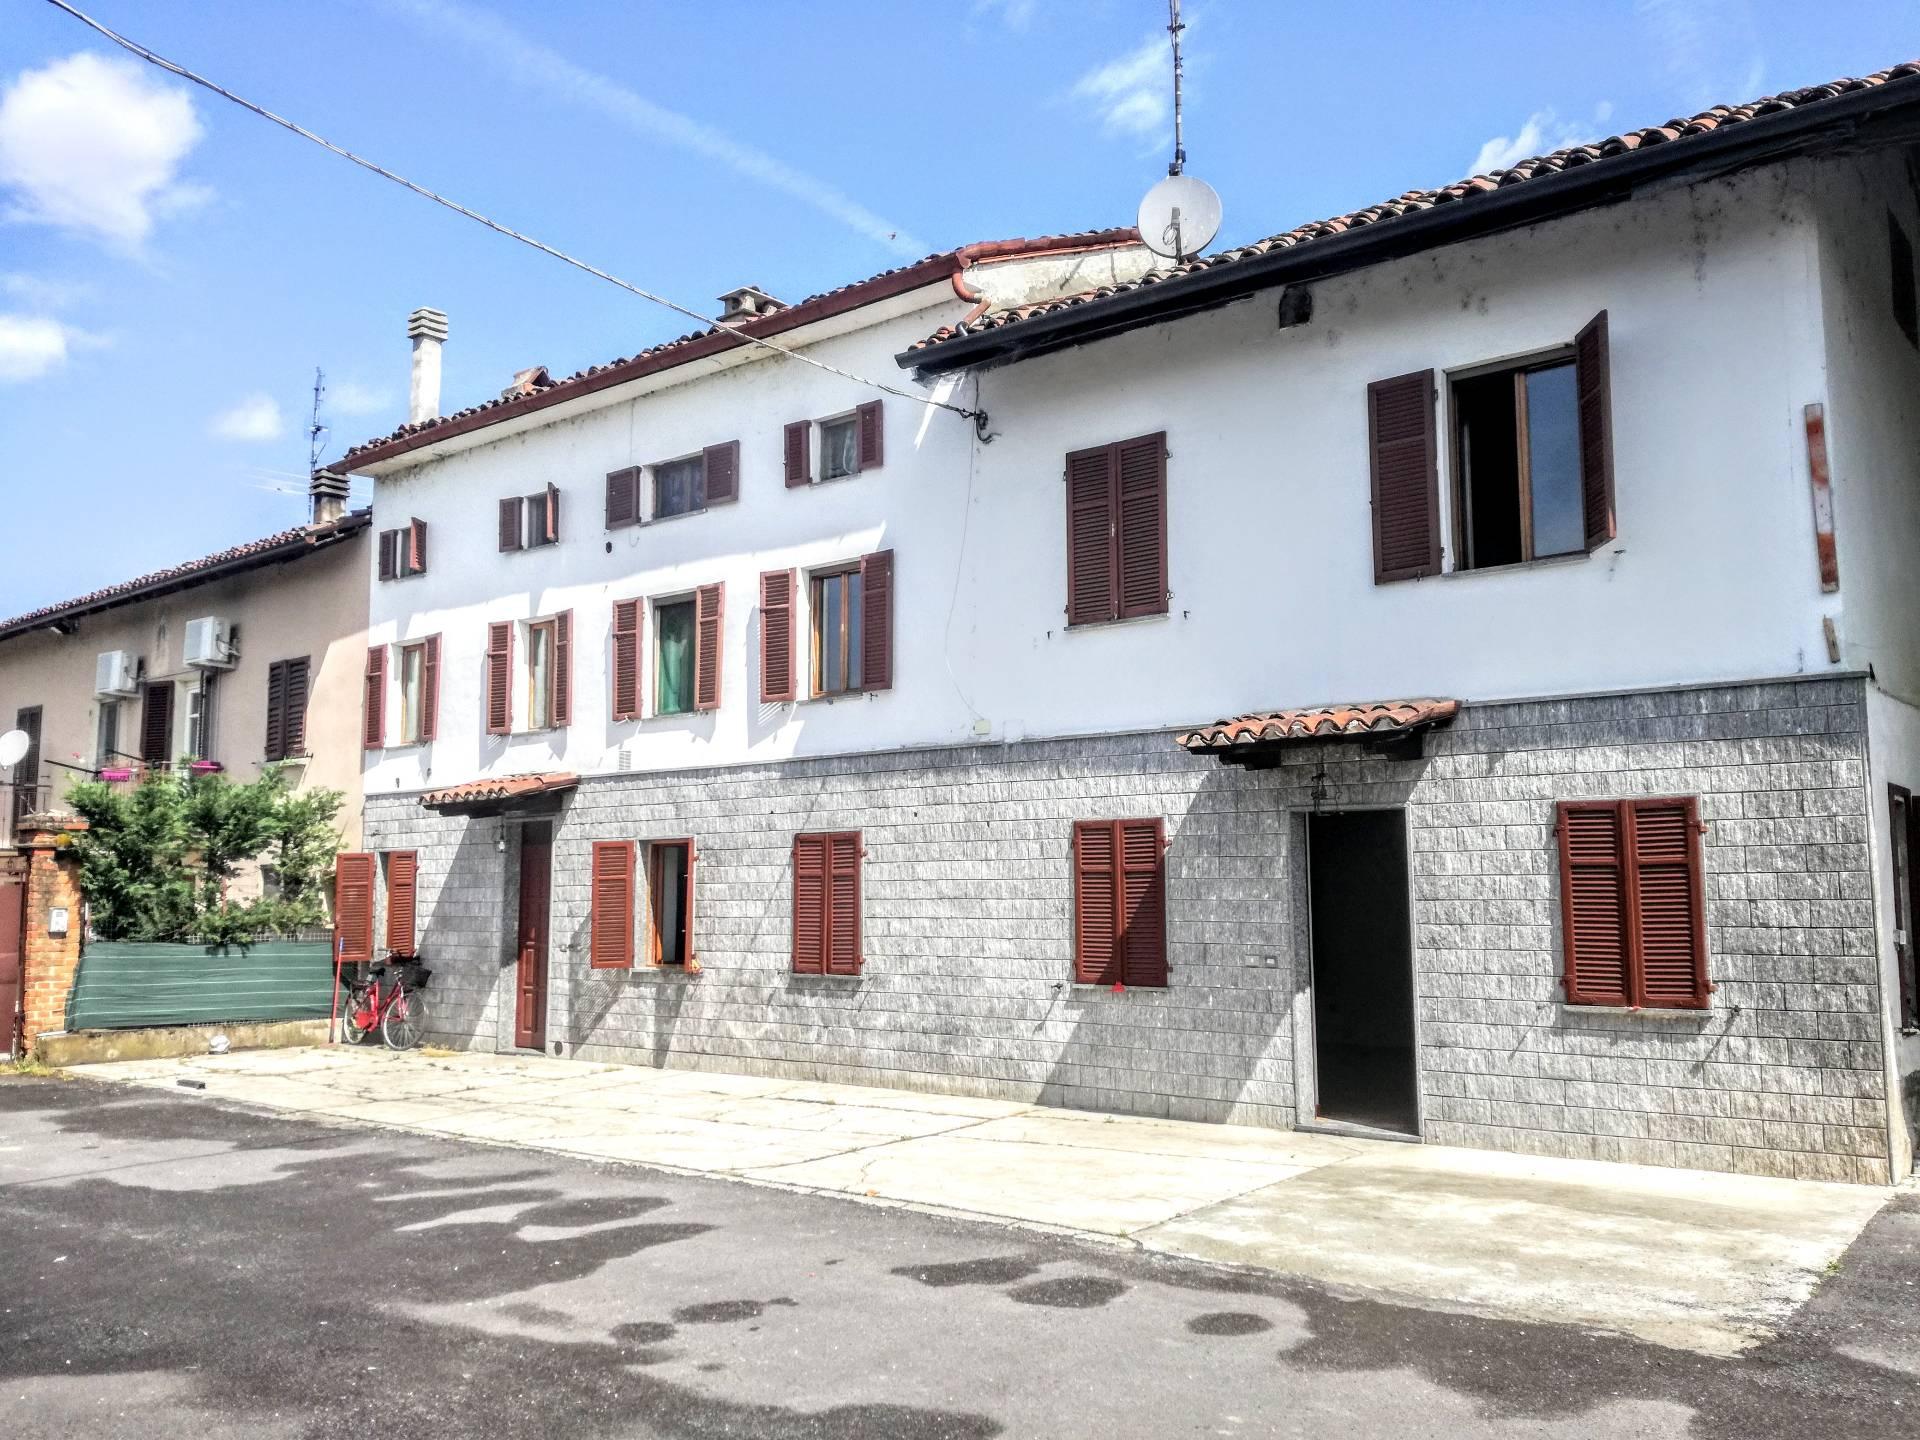 Appartamento in affitto a Casale Monferrato, 4 locali, zona Località: S.aMariadelTempio, prezzo € 330 | CambioCasa.it